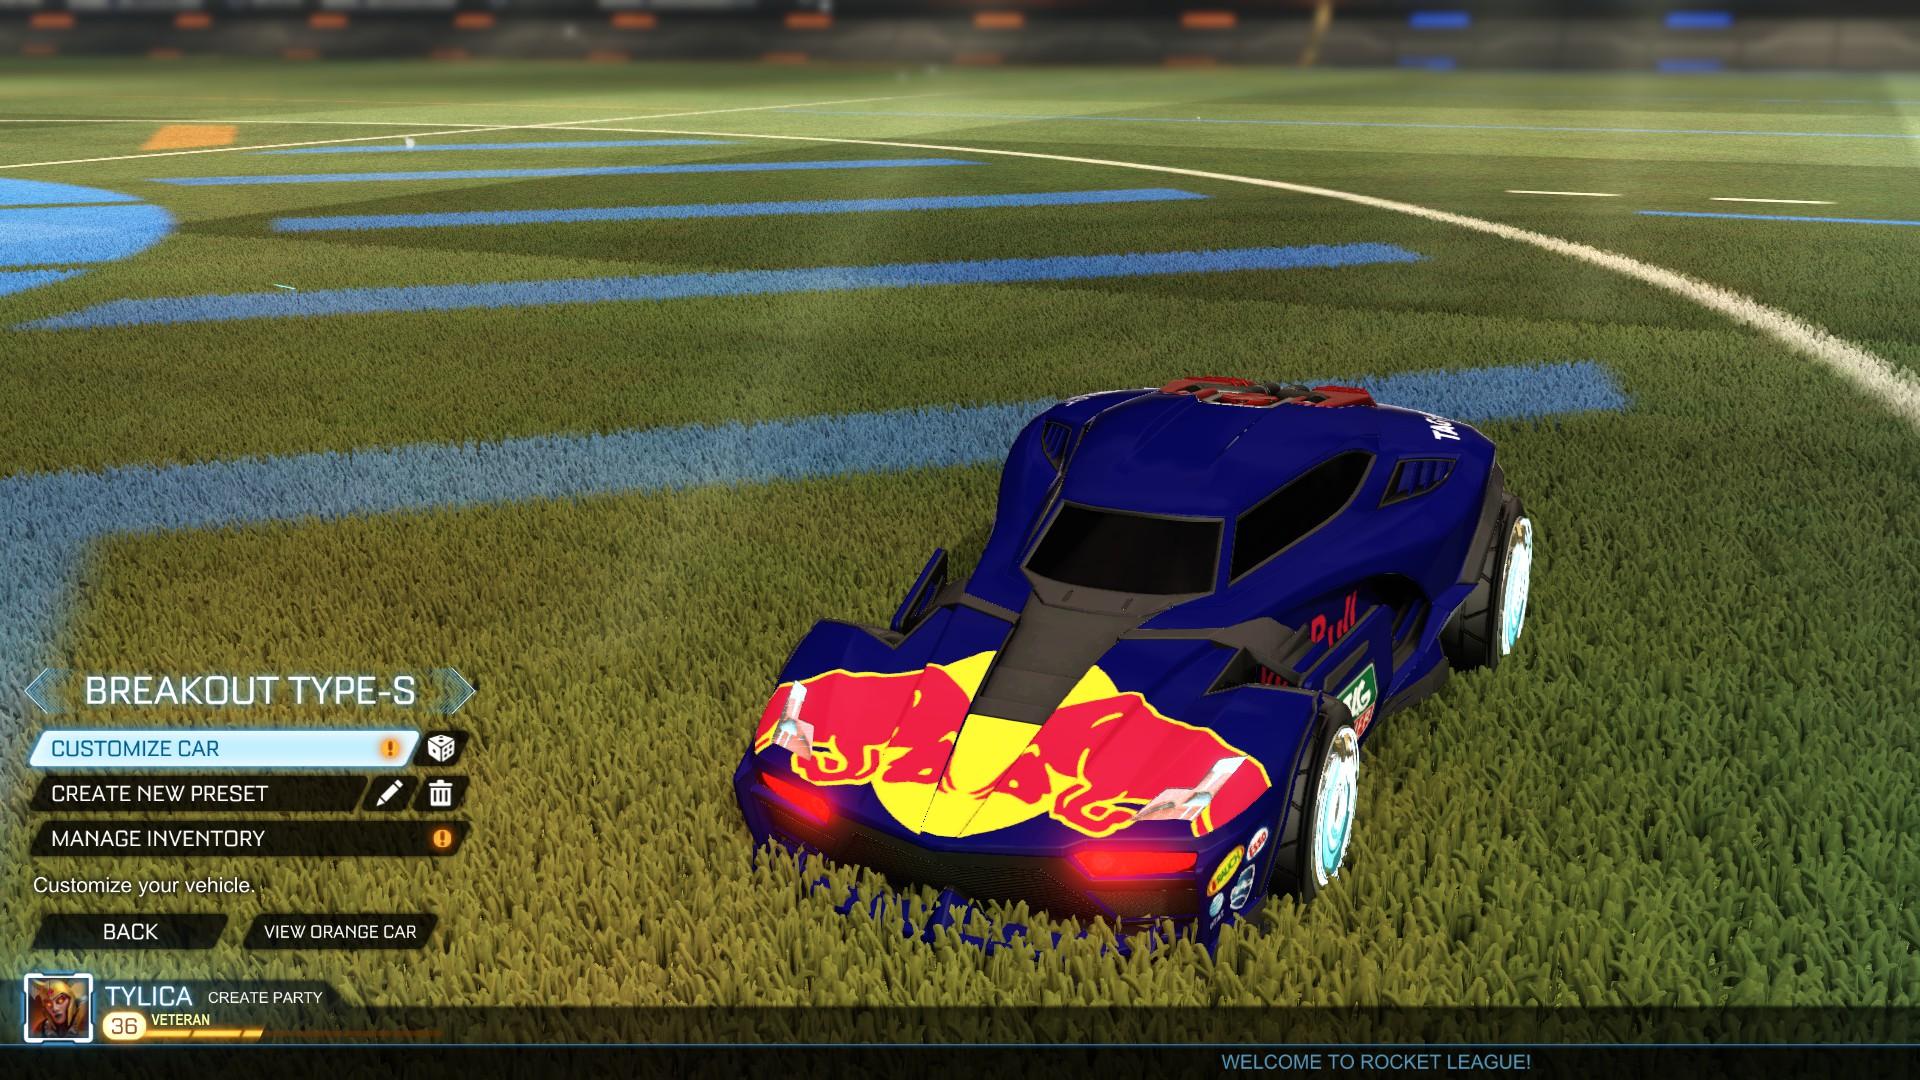 Breakout Type-S Red Bull skin + easter festivities pack